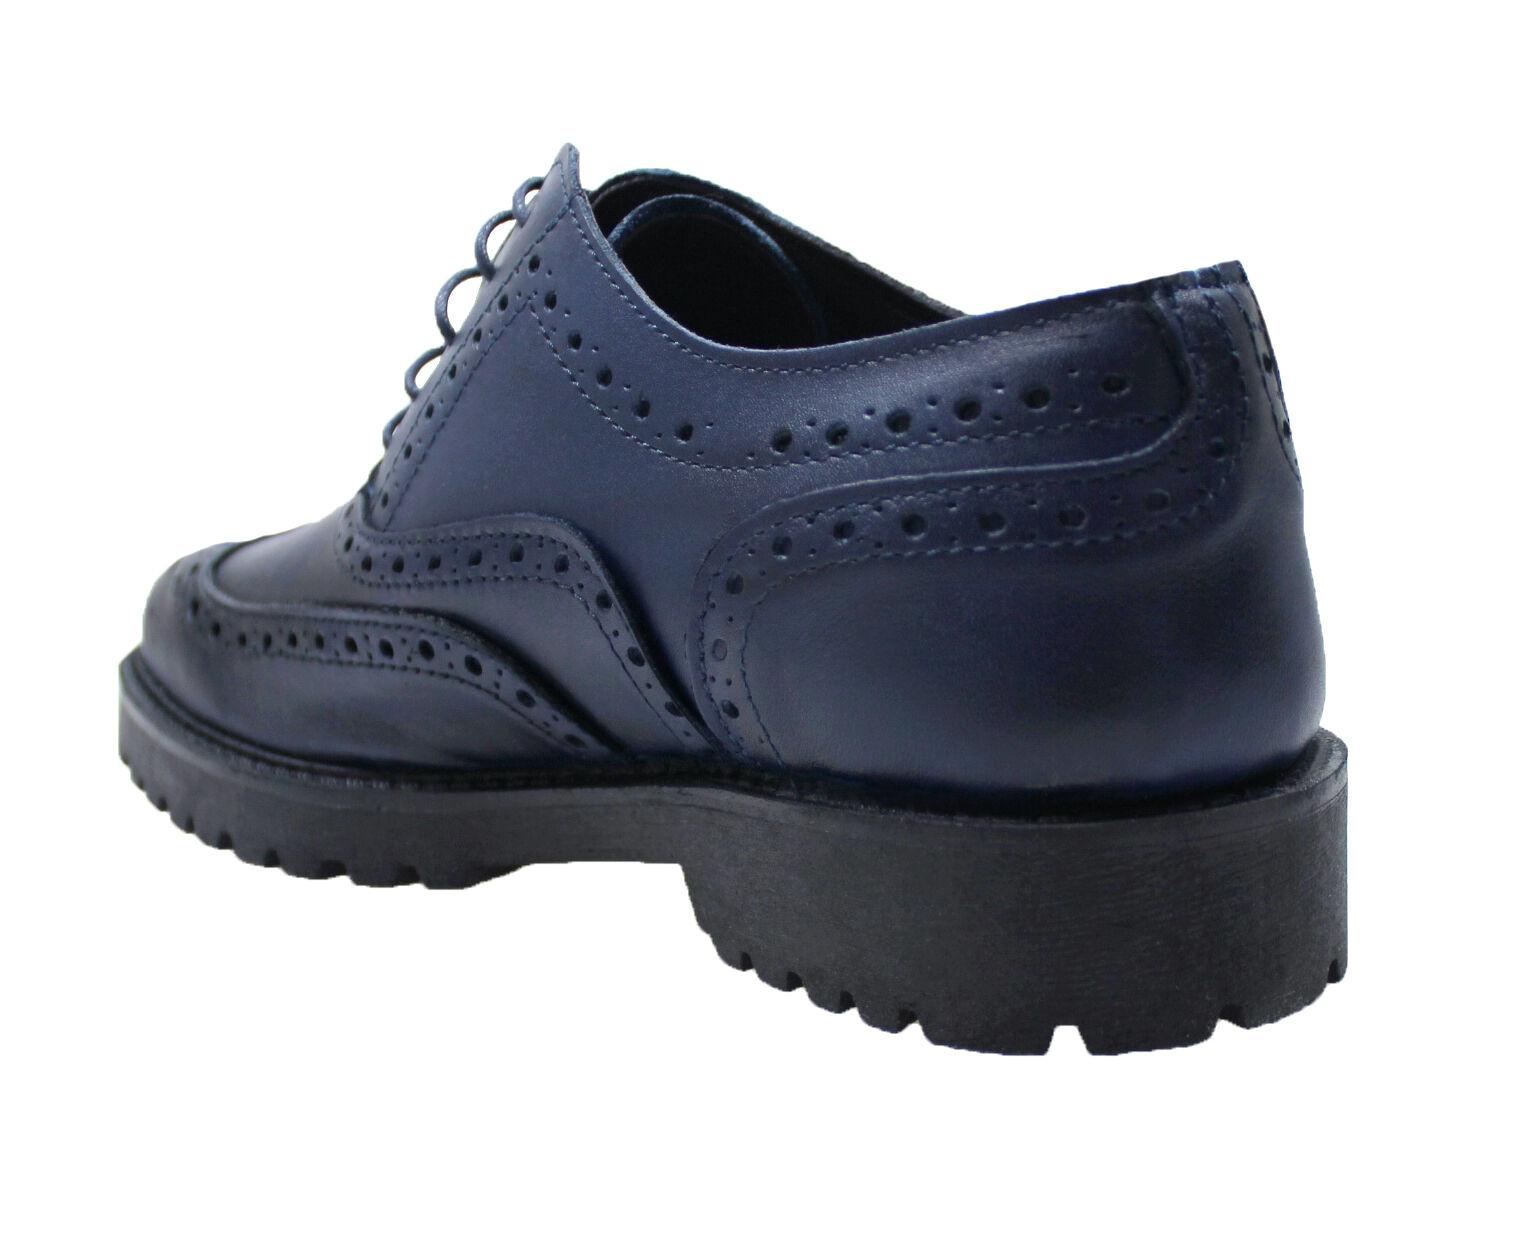 Herrenschuhe Casual Paris blau Leder Schuhe Casual Herrenschuhe hergestellt in ITALY da 39 a 45 ebd3d6